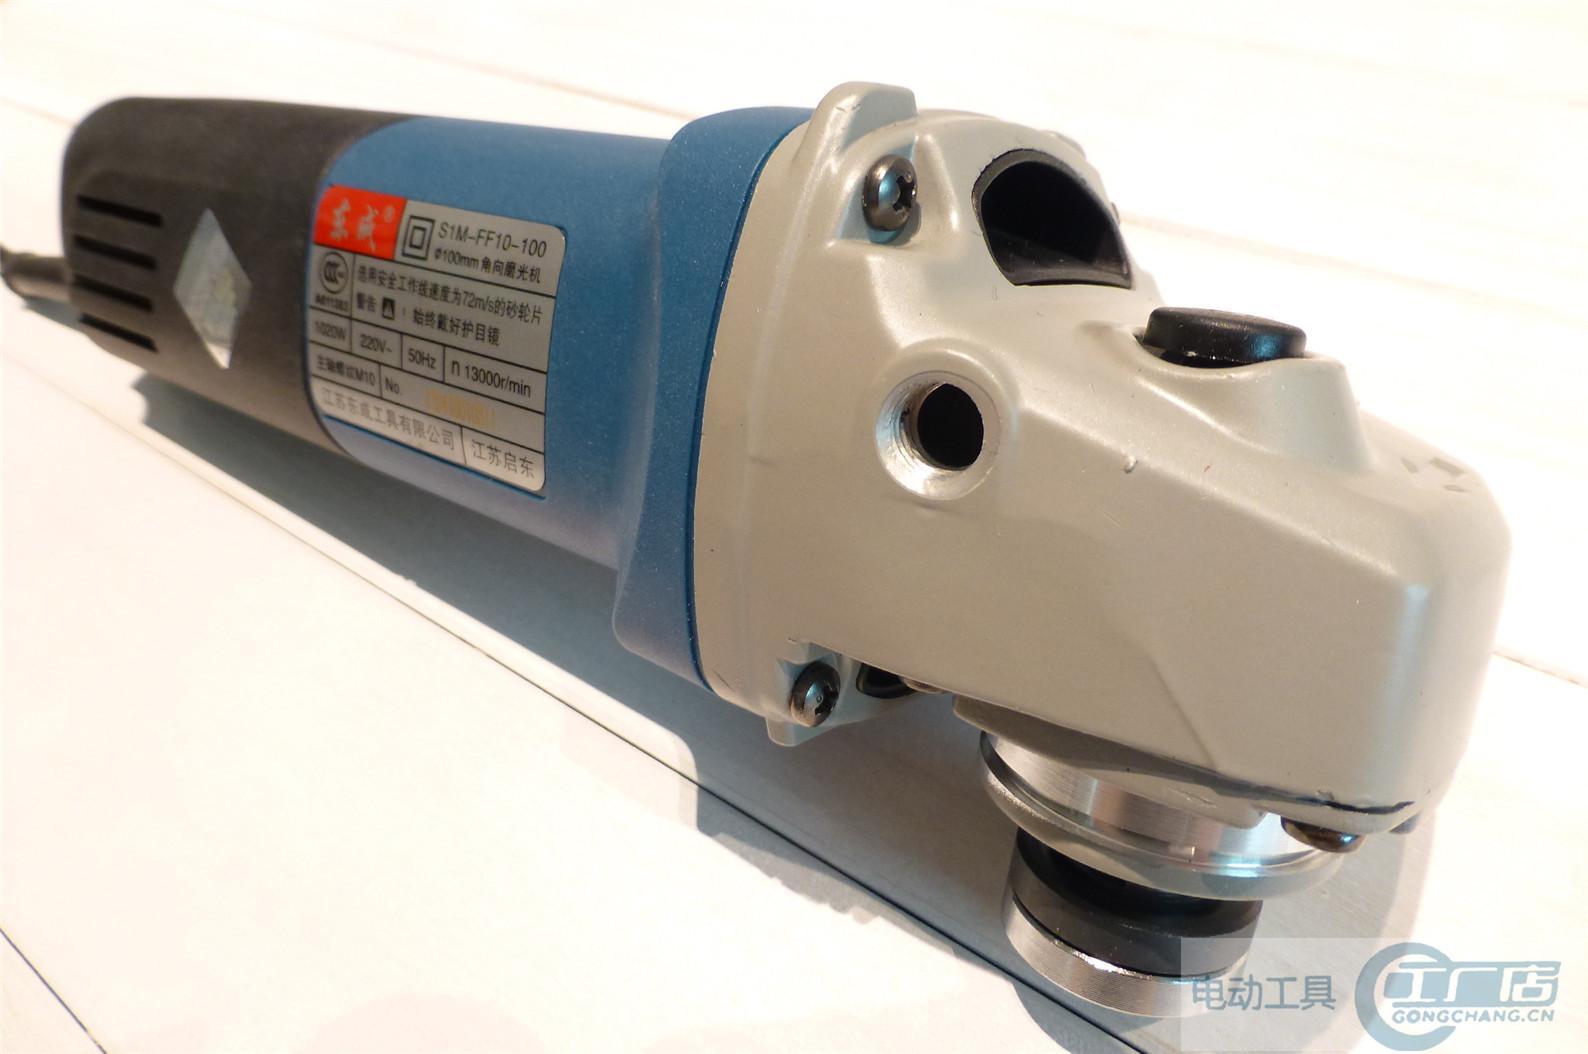 s1m-ff10-100角磨机 超大功率1020w6档无极调速